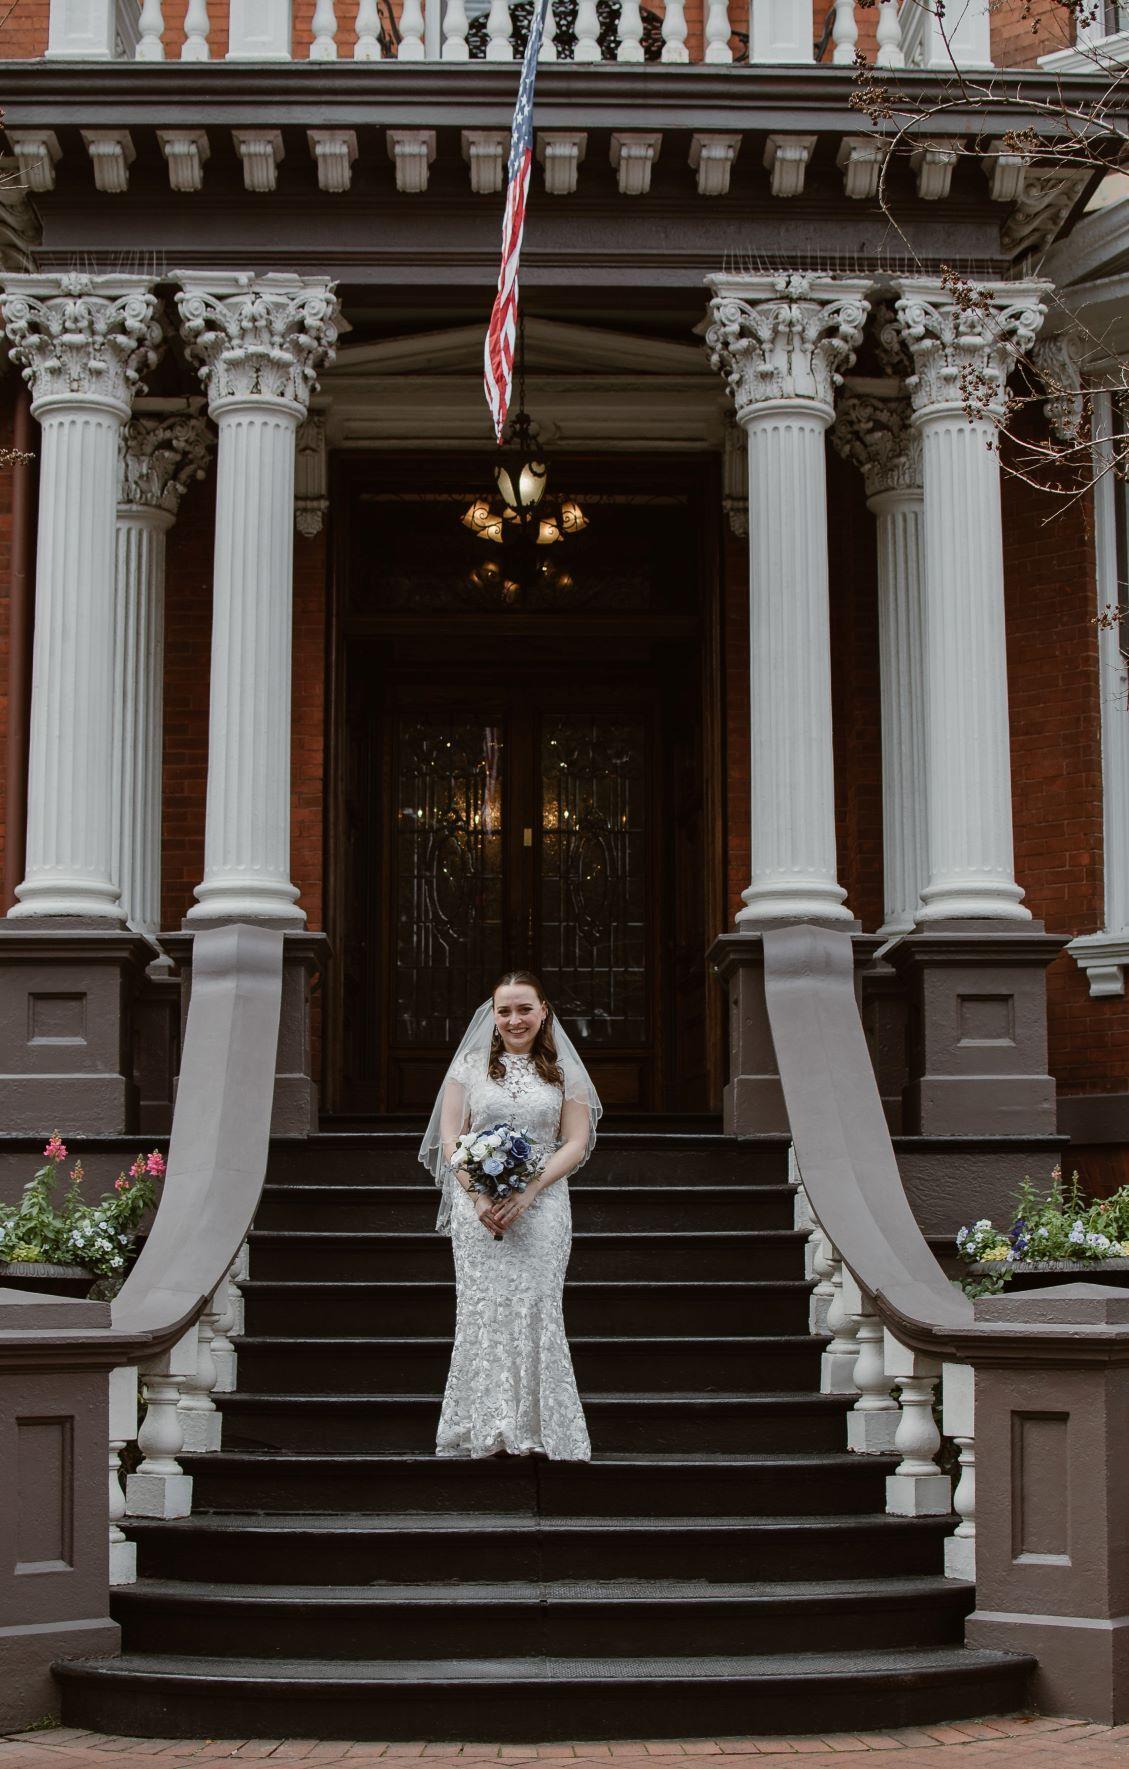 Elope in savannah savannah chat wedding dresses wedding